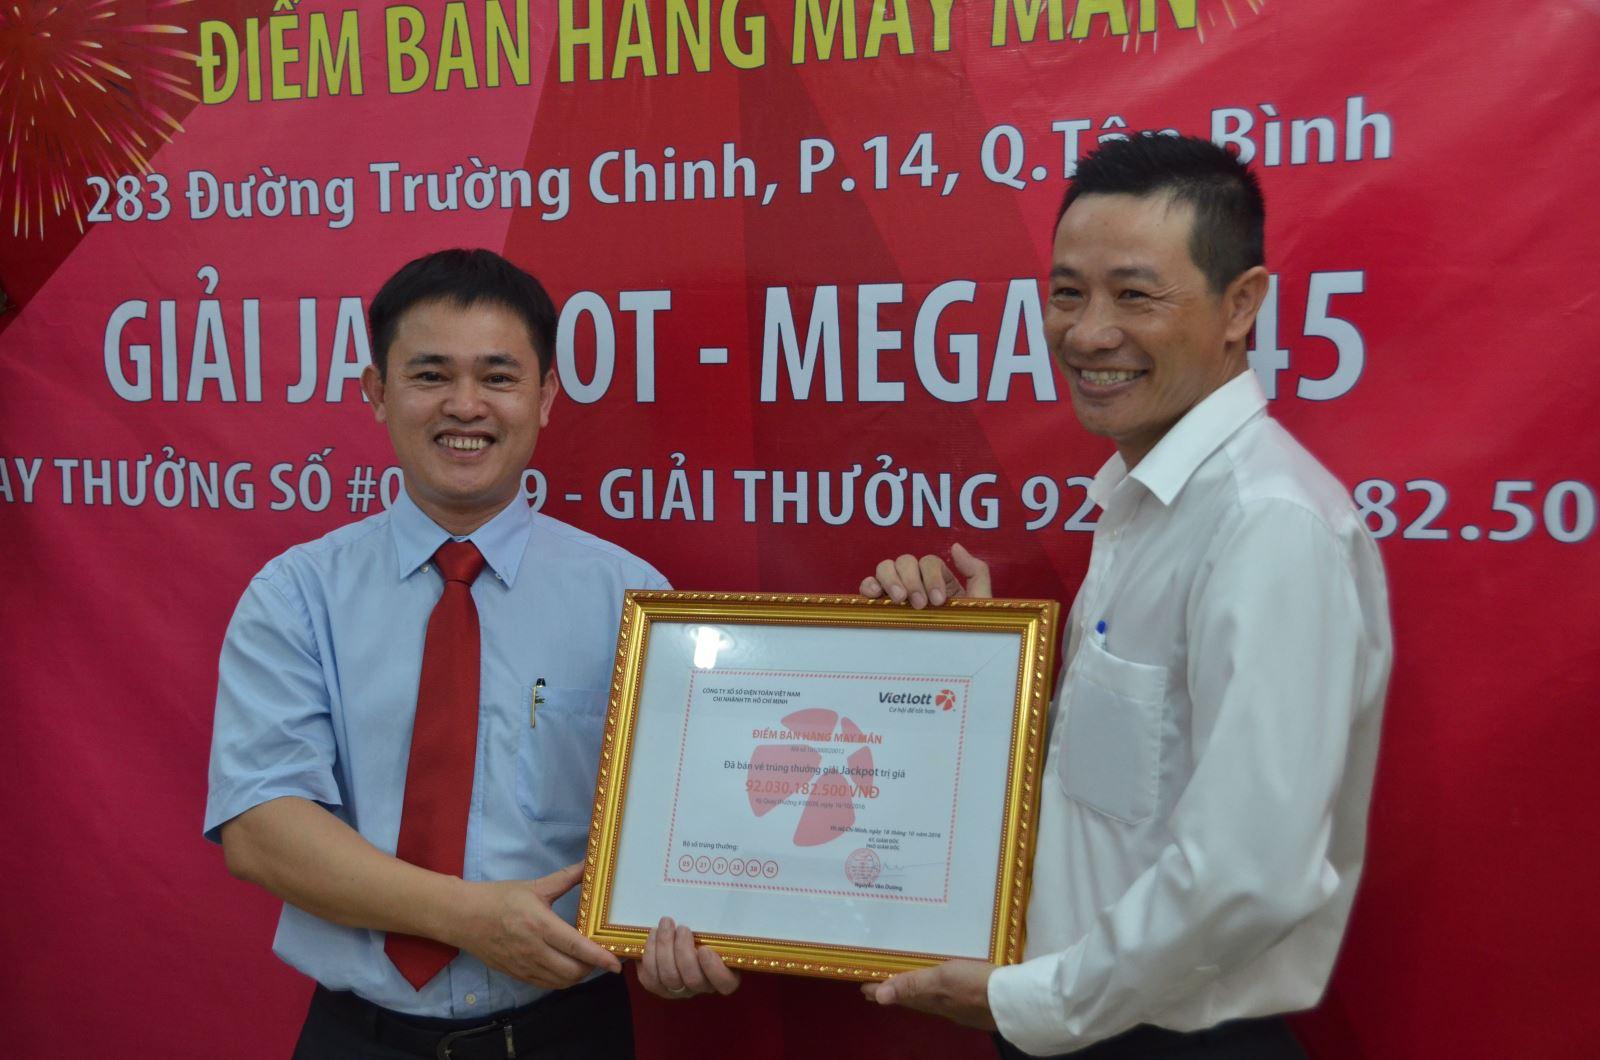 Ông Nguyễn Khánh Trung trao tặng chứng nhận cho Điểm bán hàng